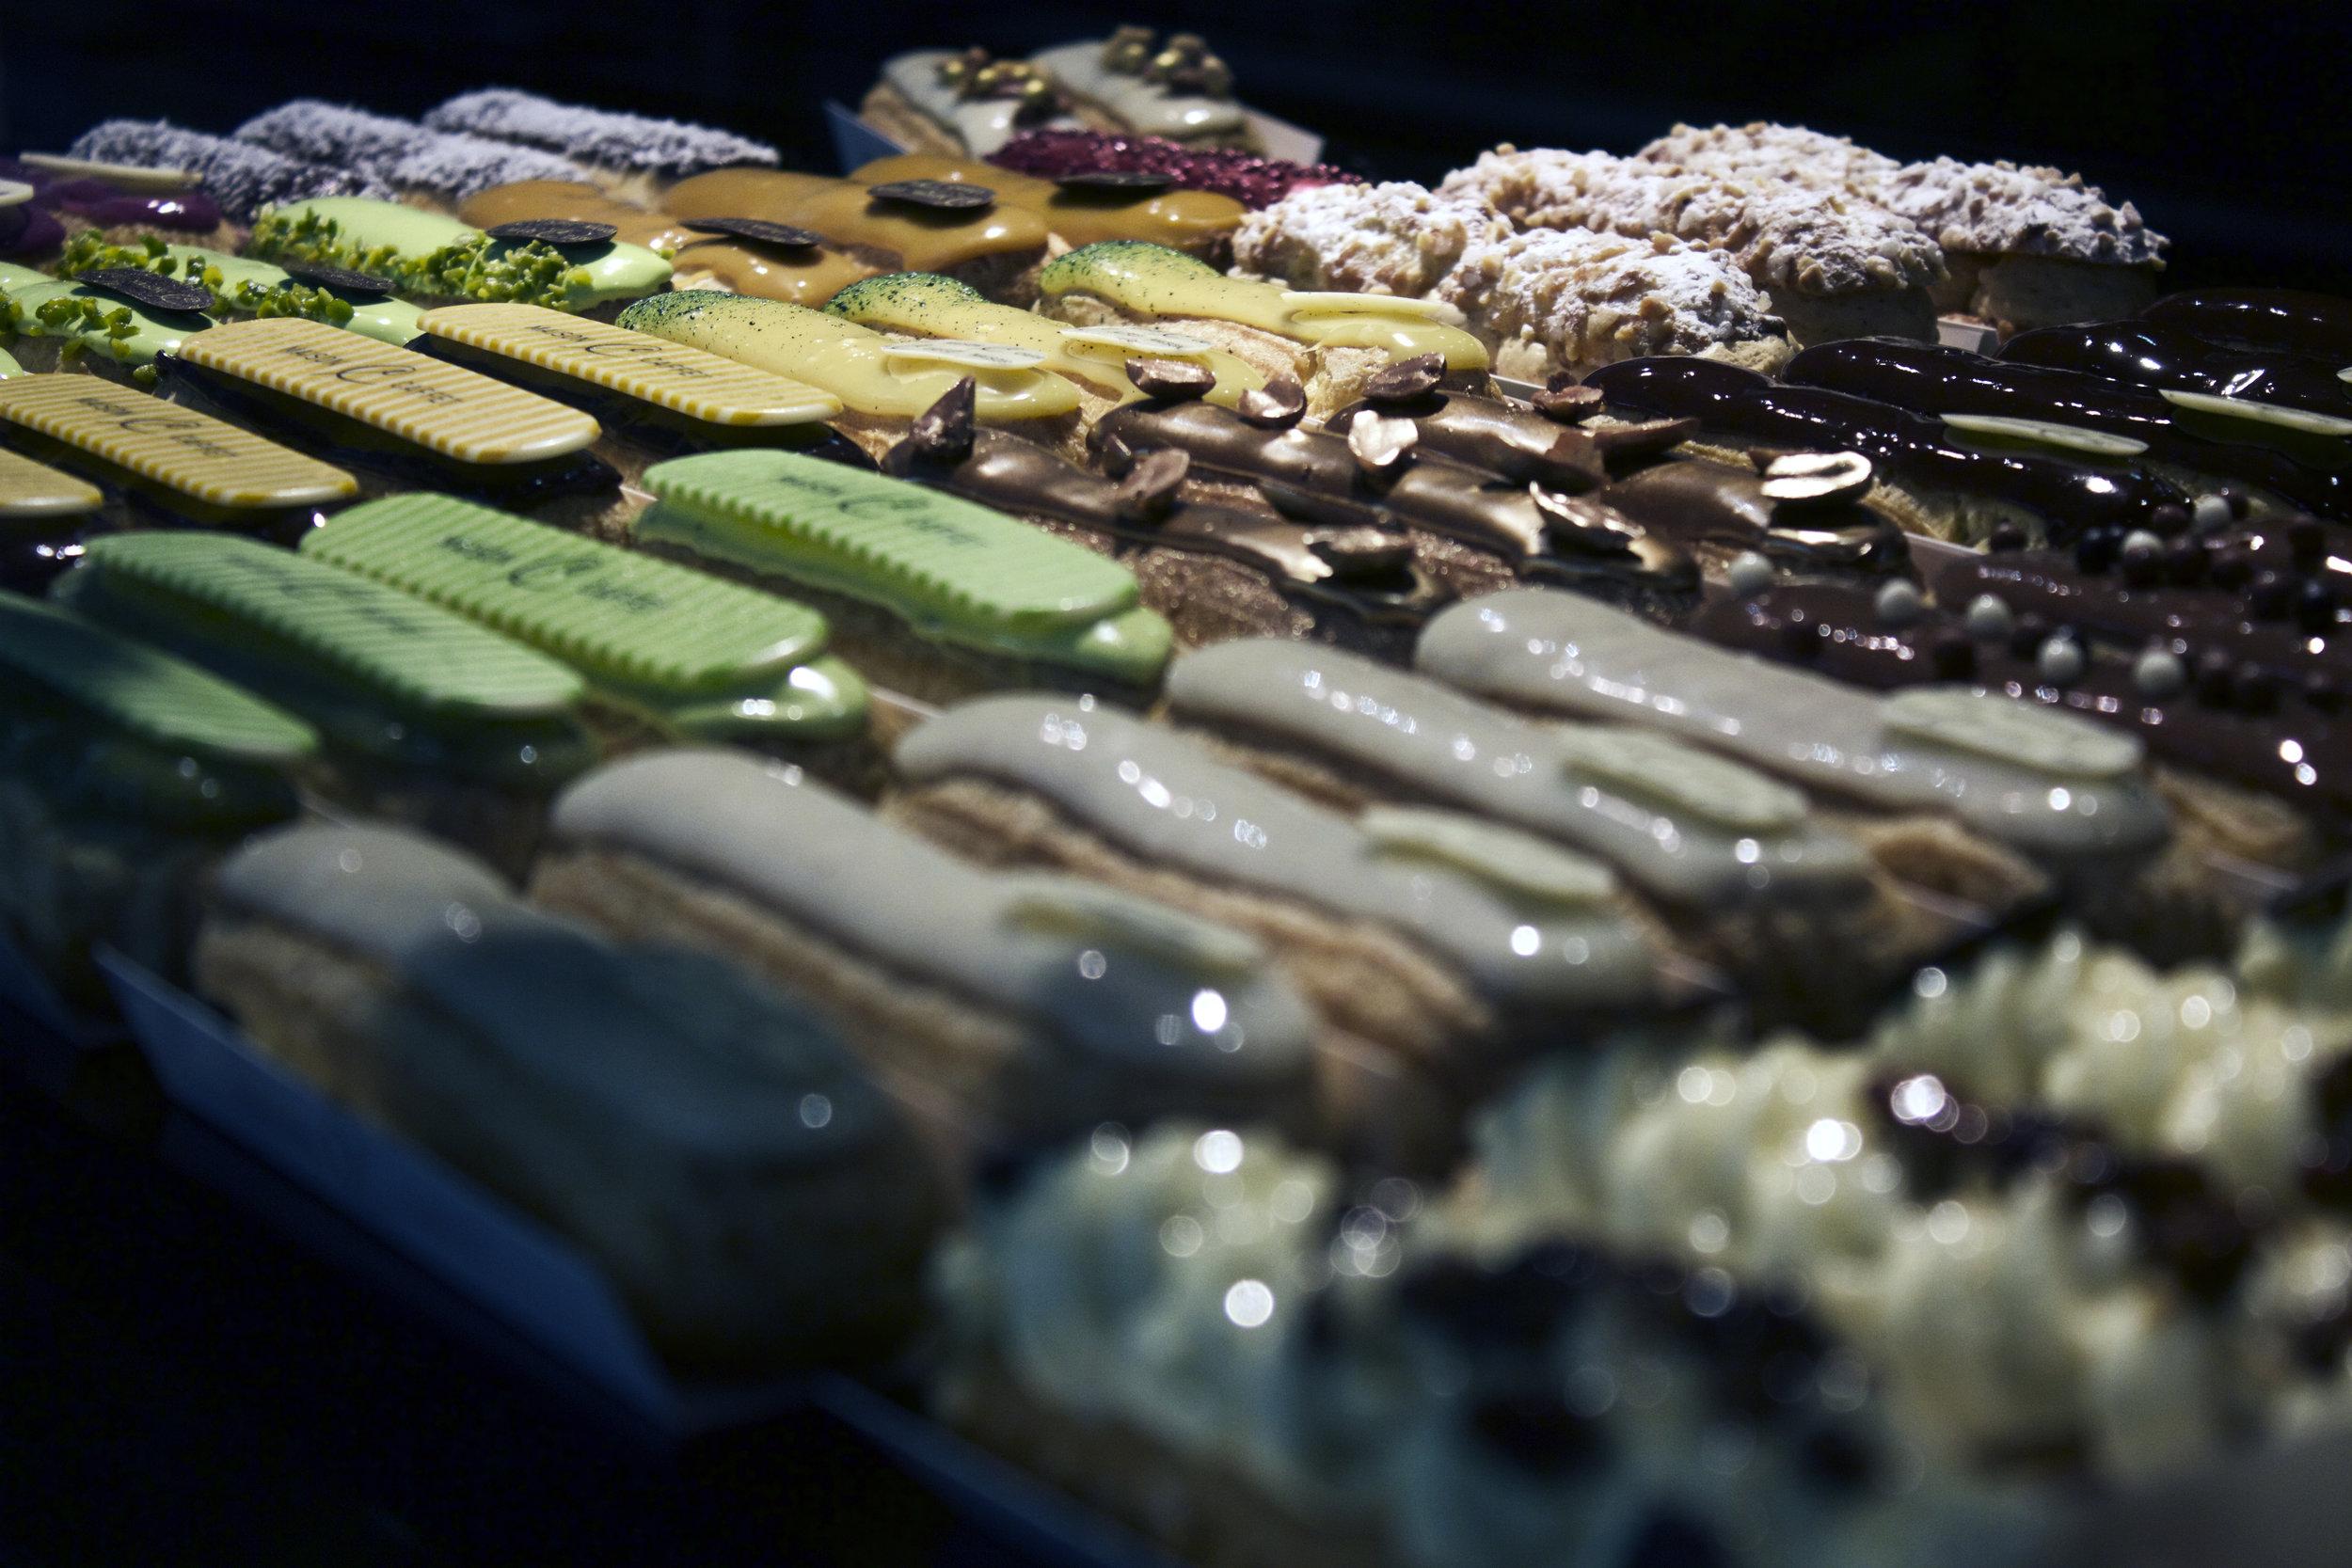 market_sweets.jpg